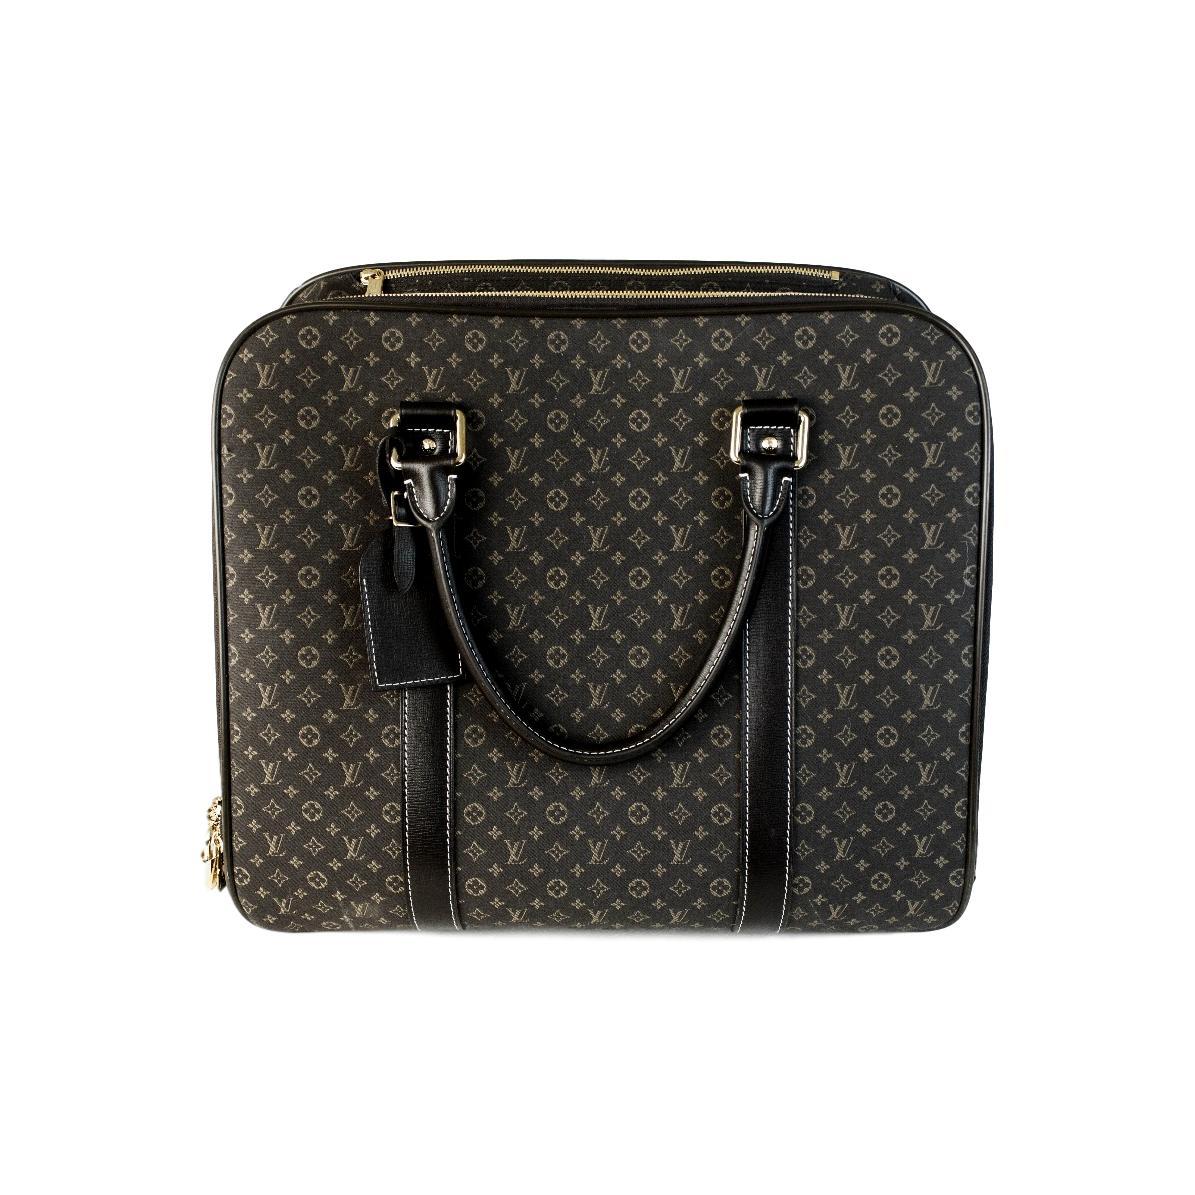 32ccd491efeb Купить дорожную сумку Louis Vuitton за 60000 руб. в интернет ...